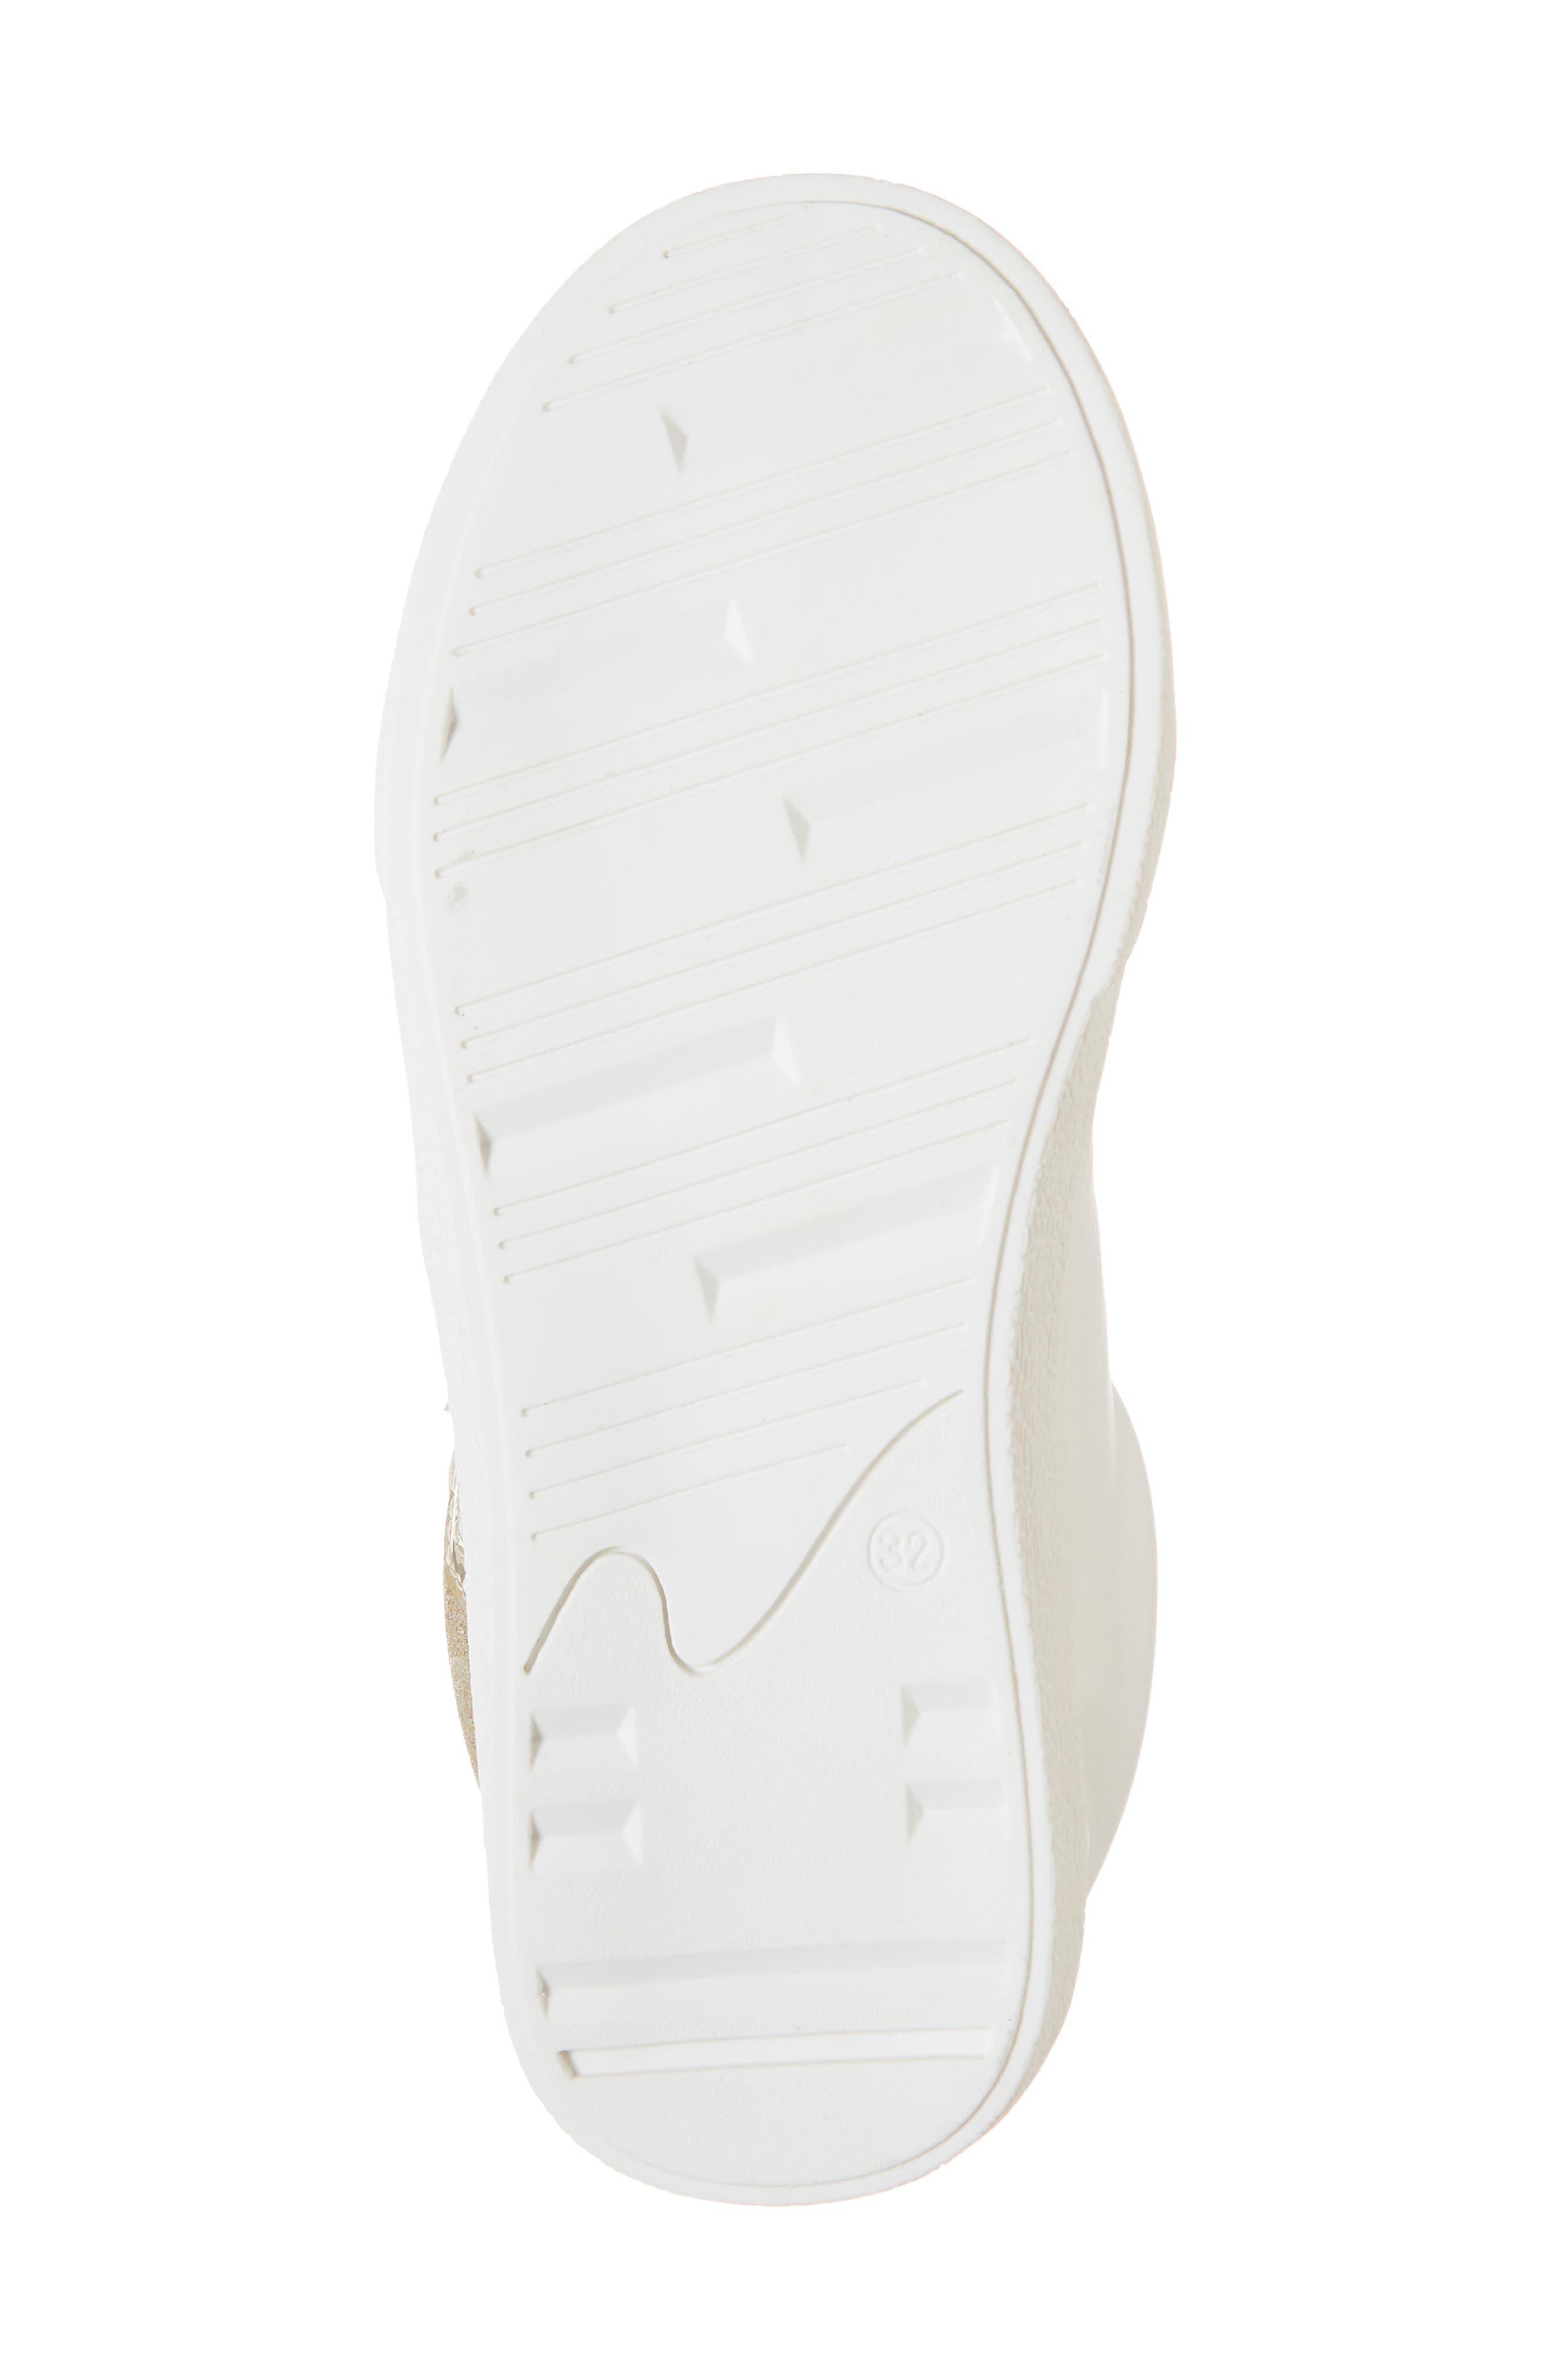 Miss Harper Appliqué Glitter Sneaker,                             Alternate thumbnail 6, color,                             WHITE W/ GOLD STAR